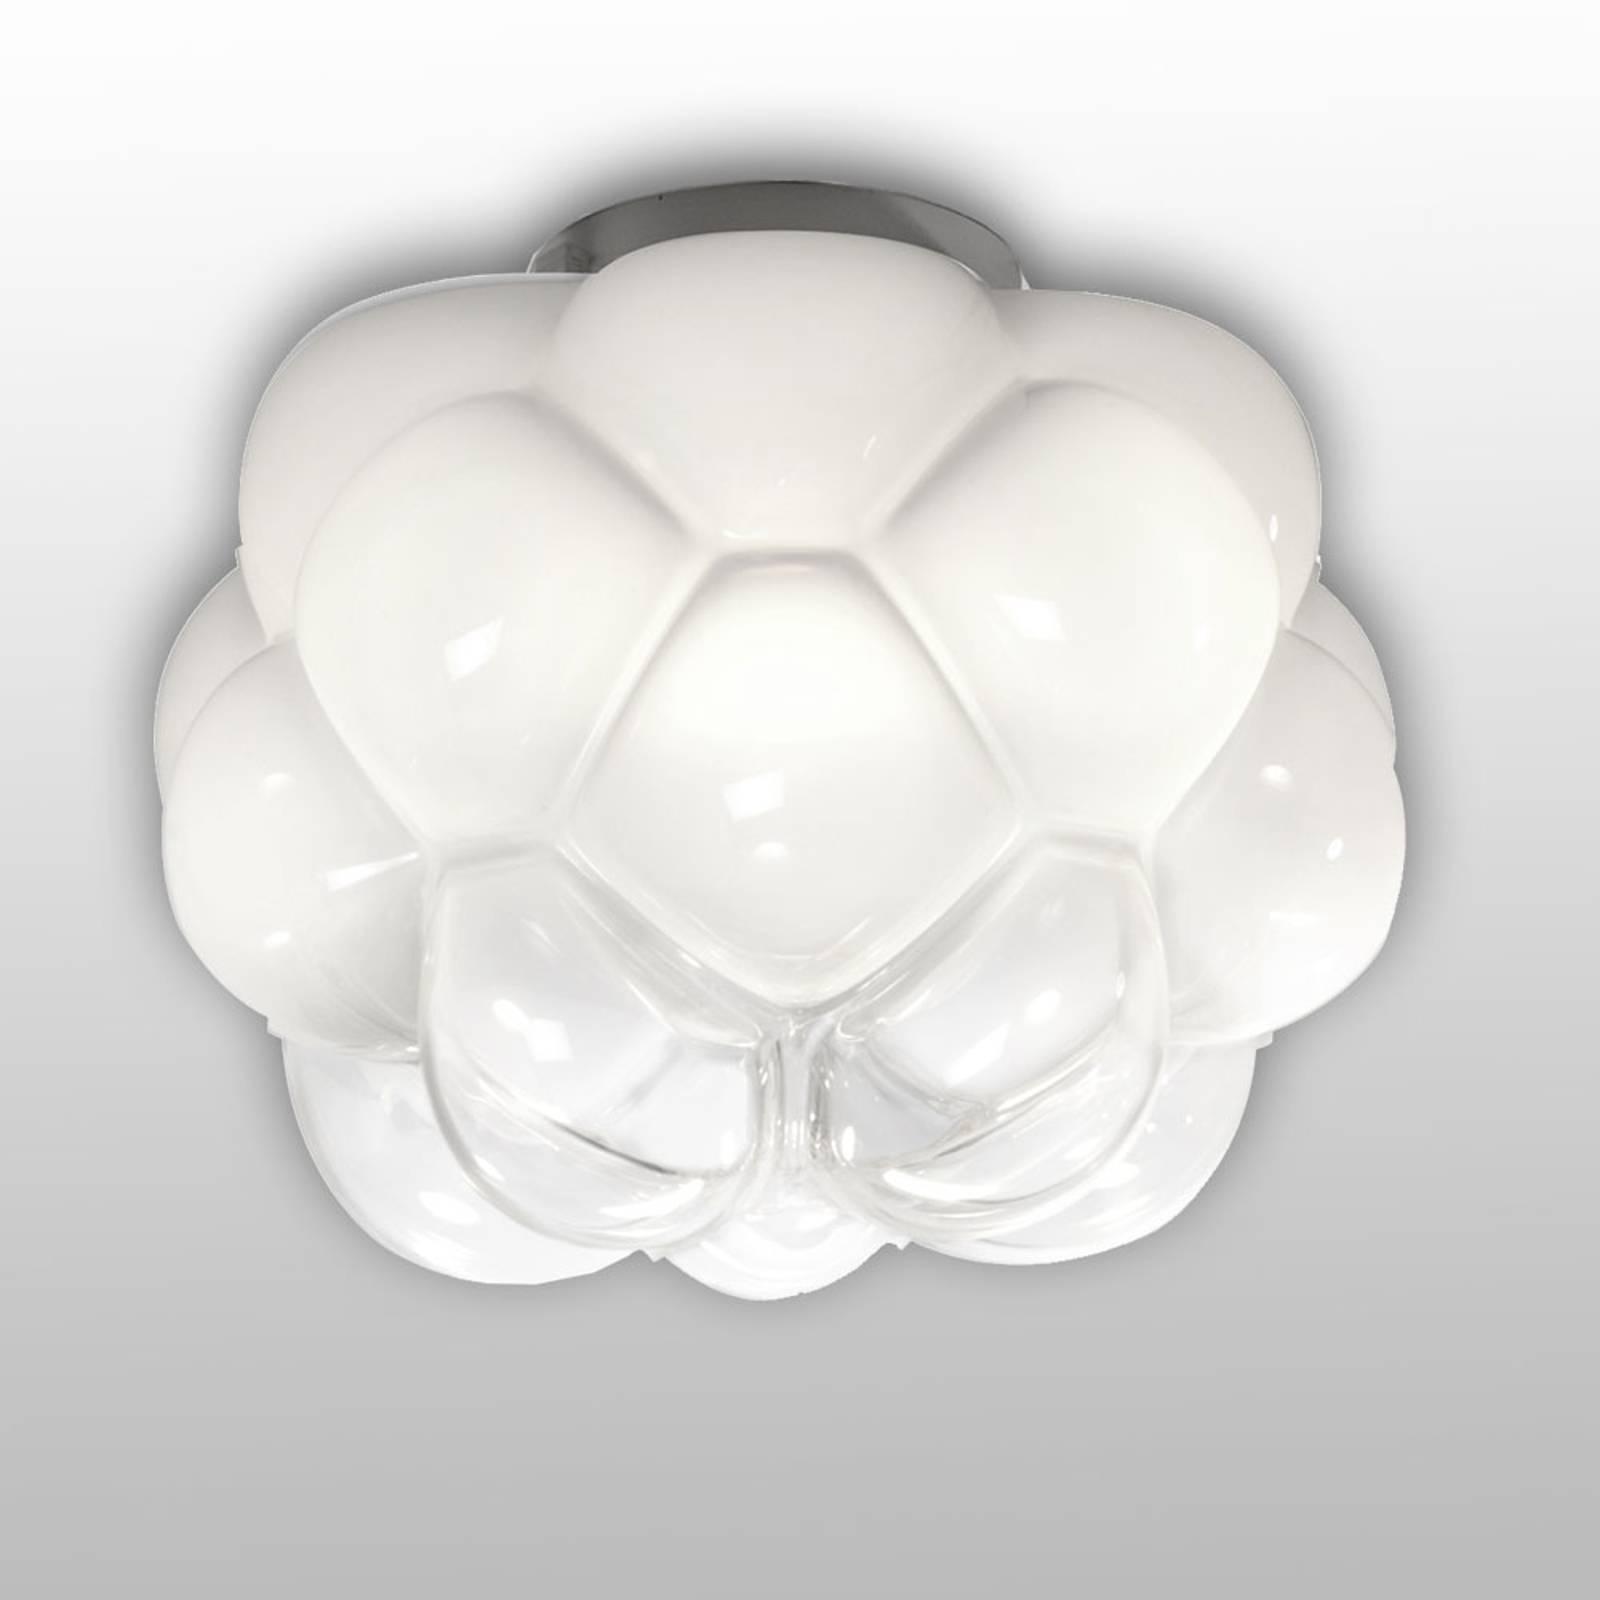 Pilvimäinen LED-kattovalaisin Cloudy, 26 cm